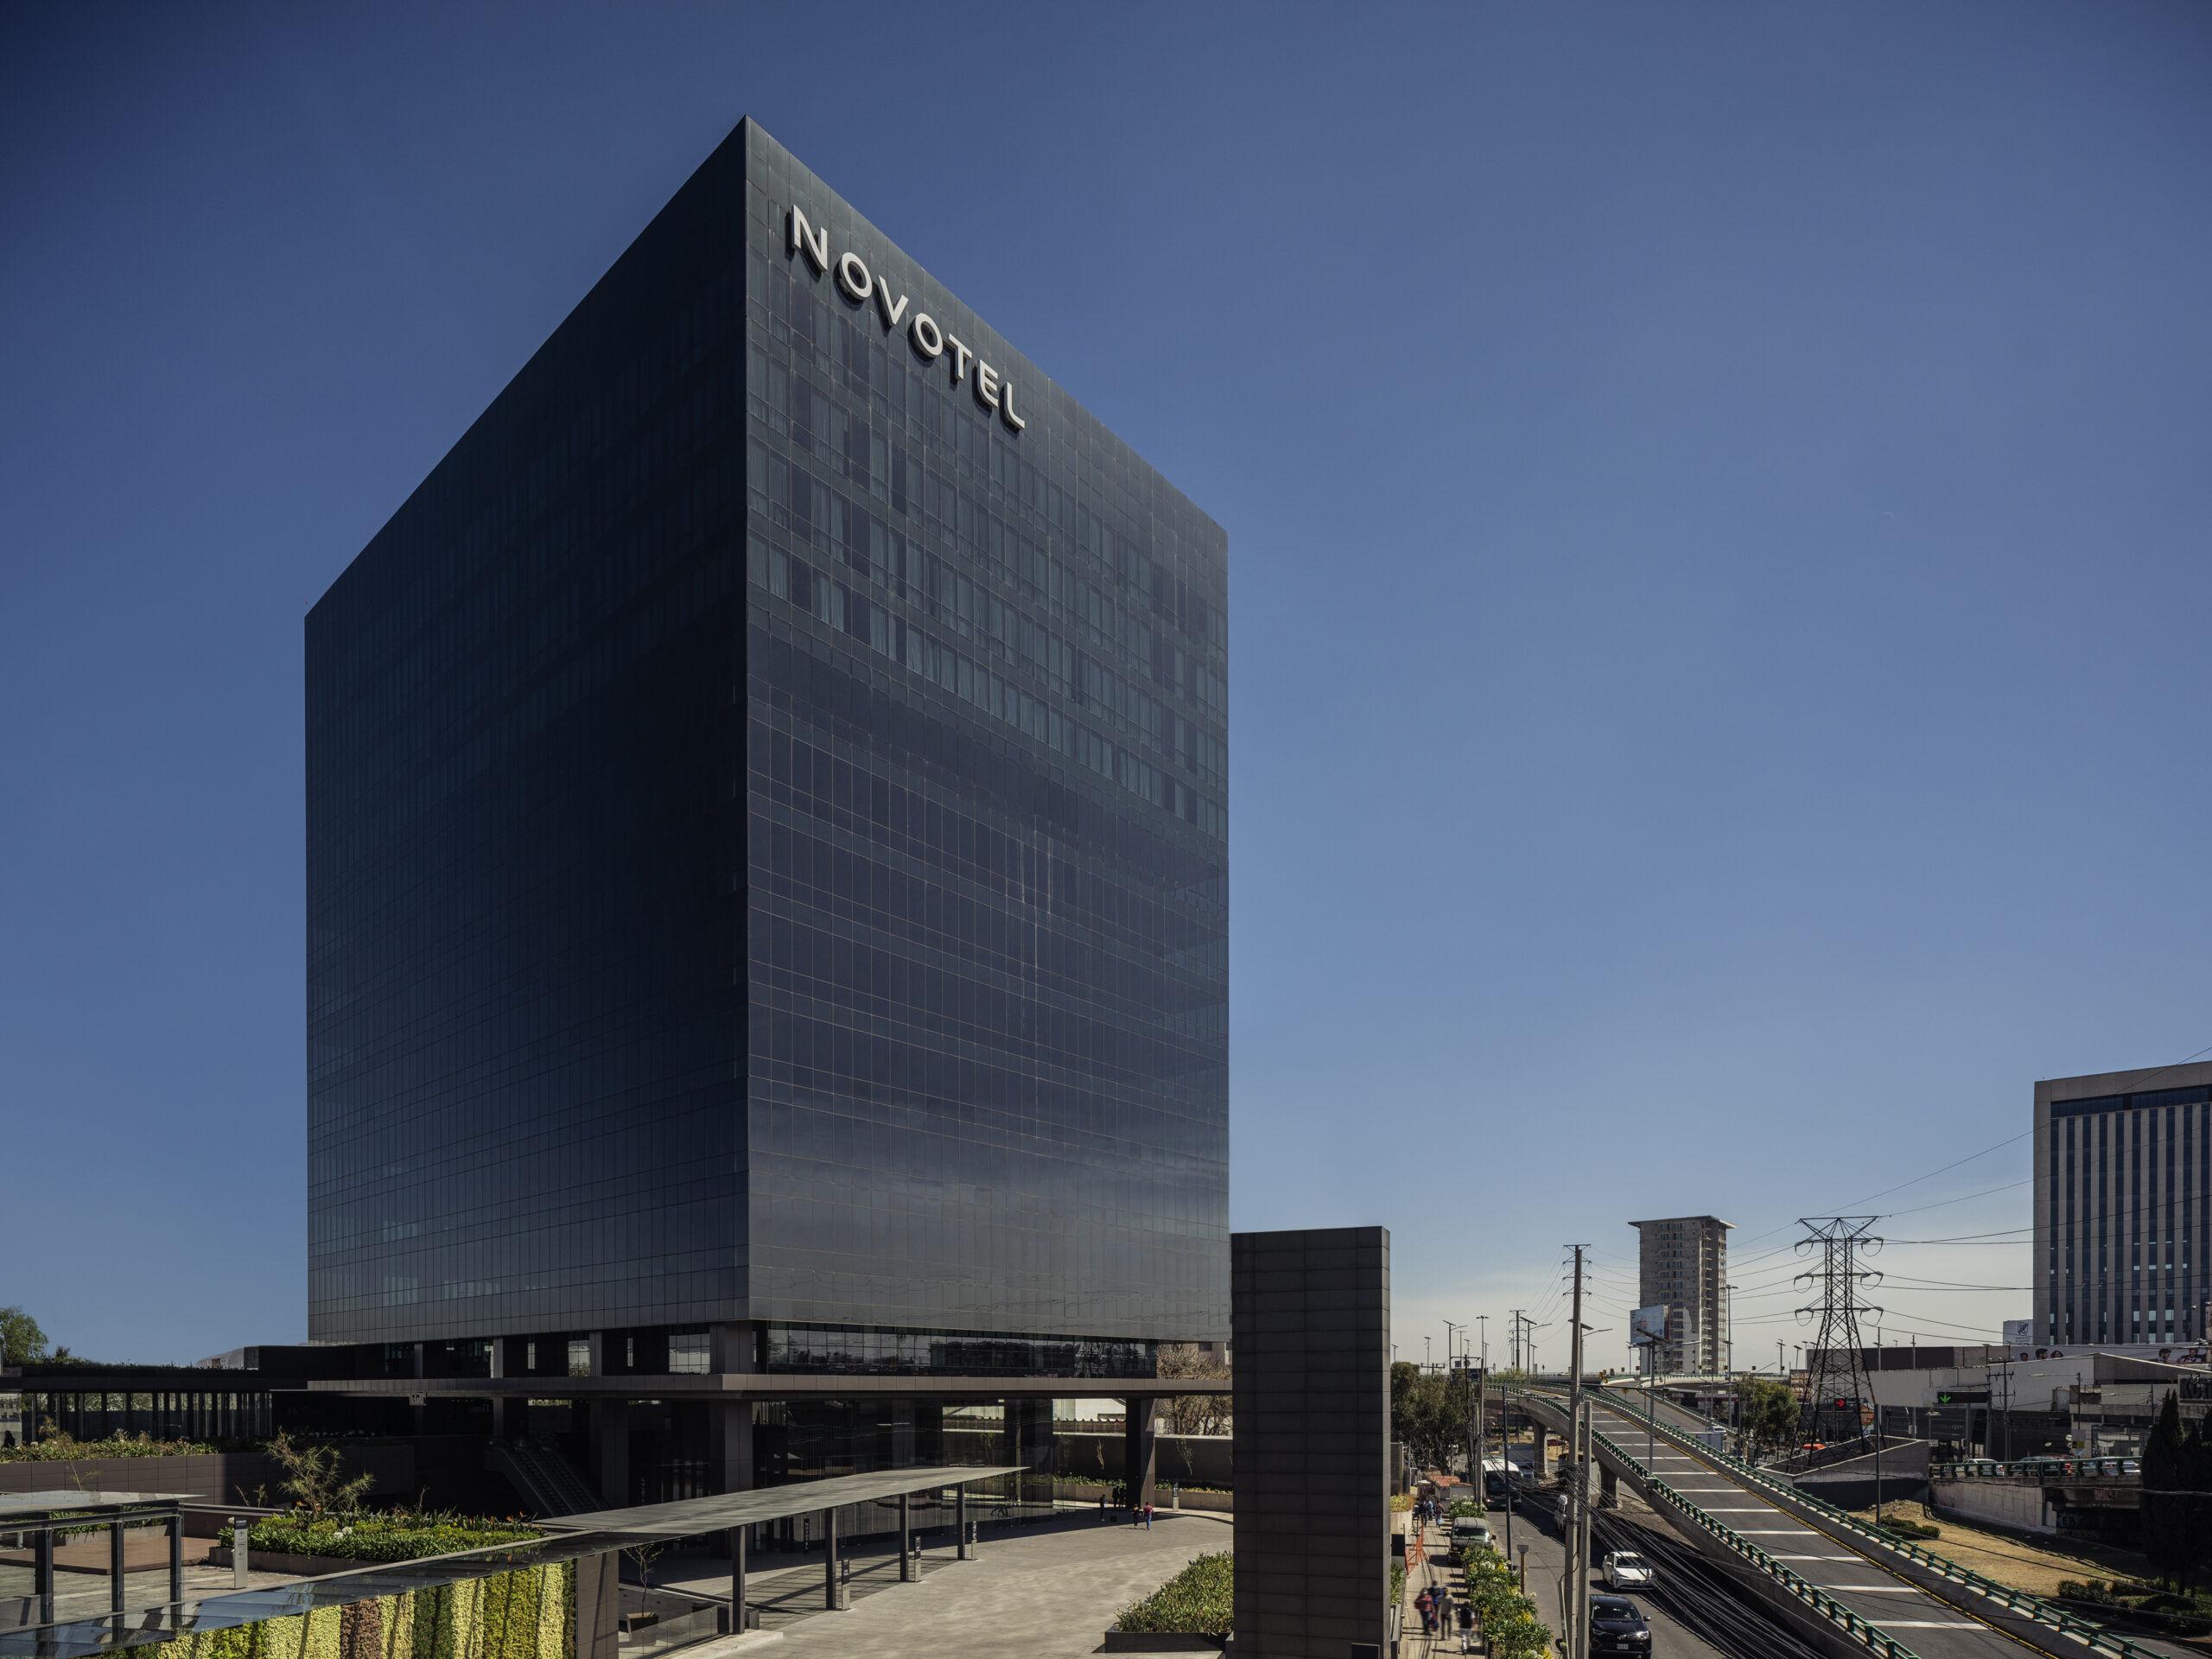 Novotel-Mexico-City-Toreo-alt